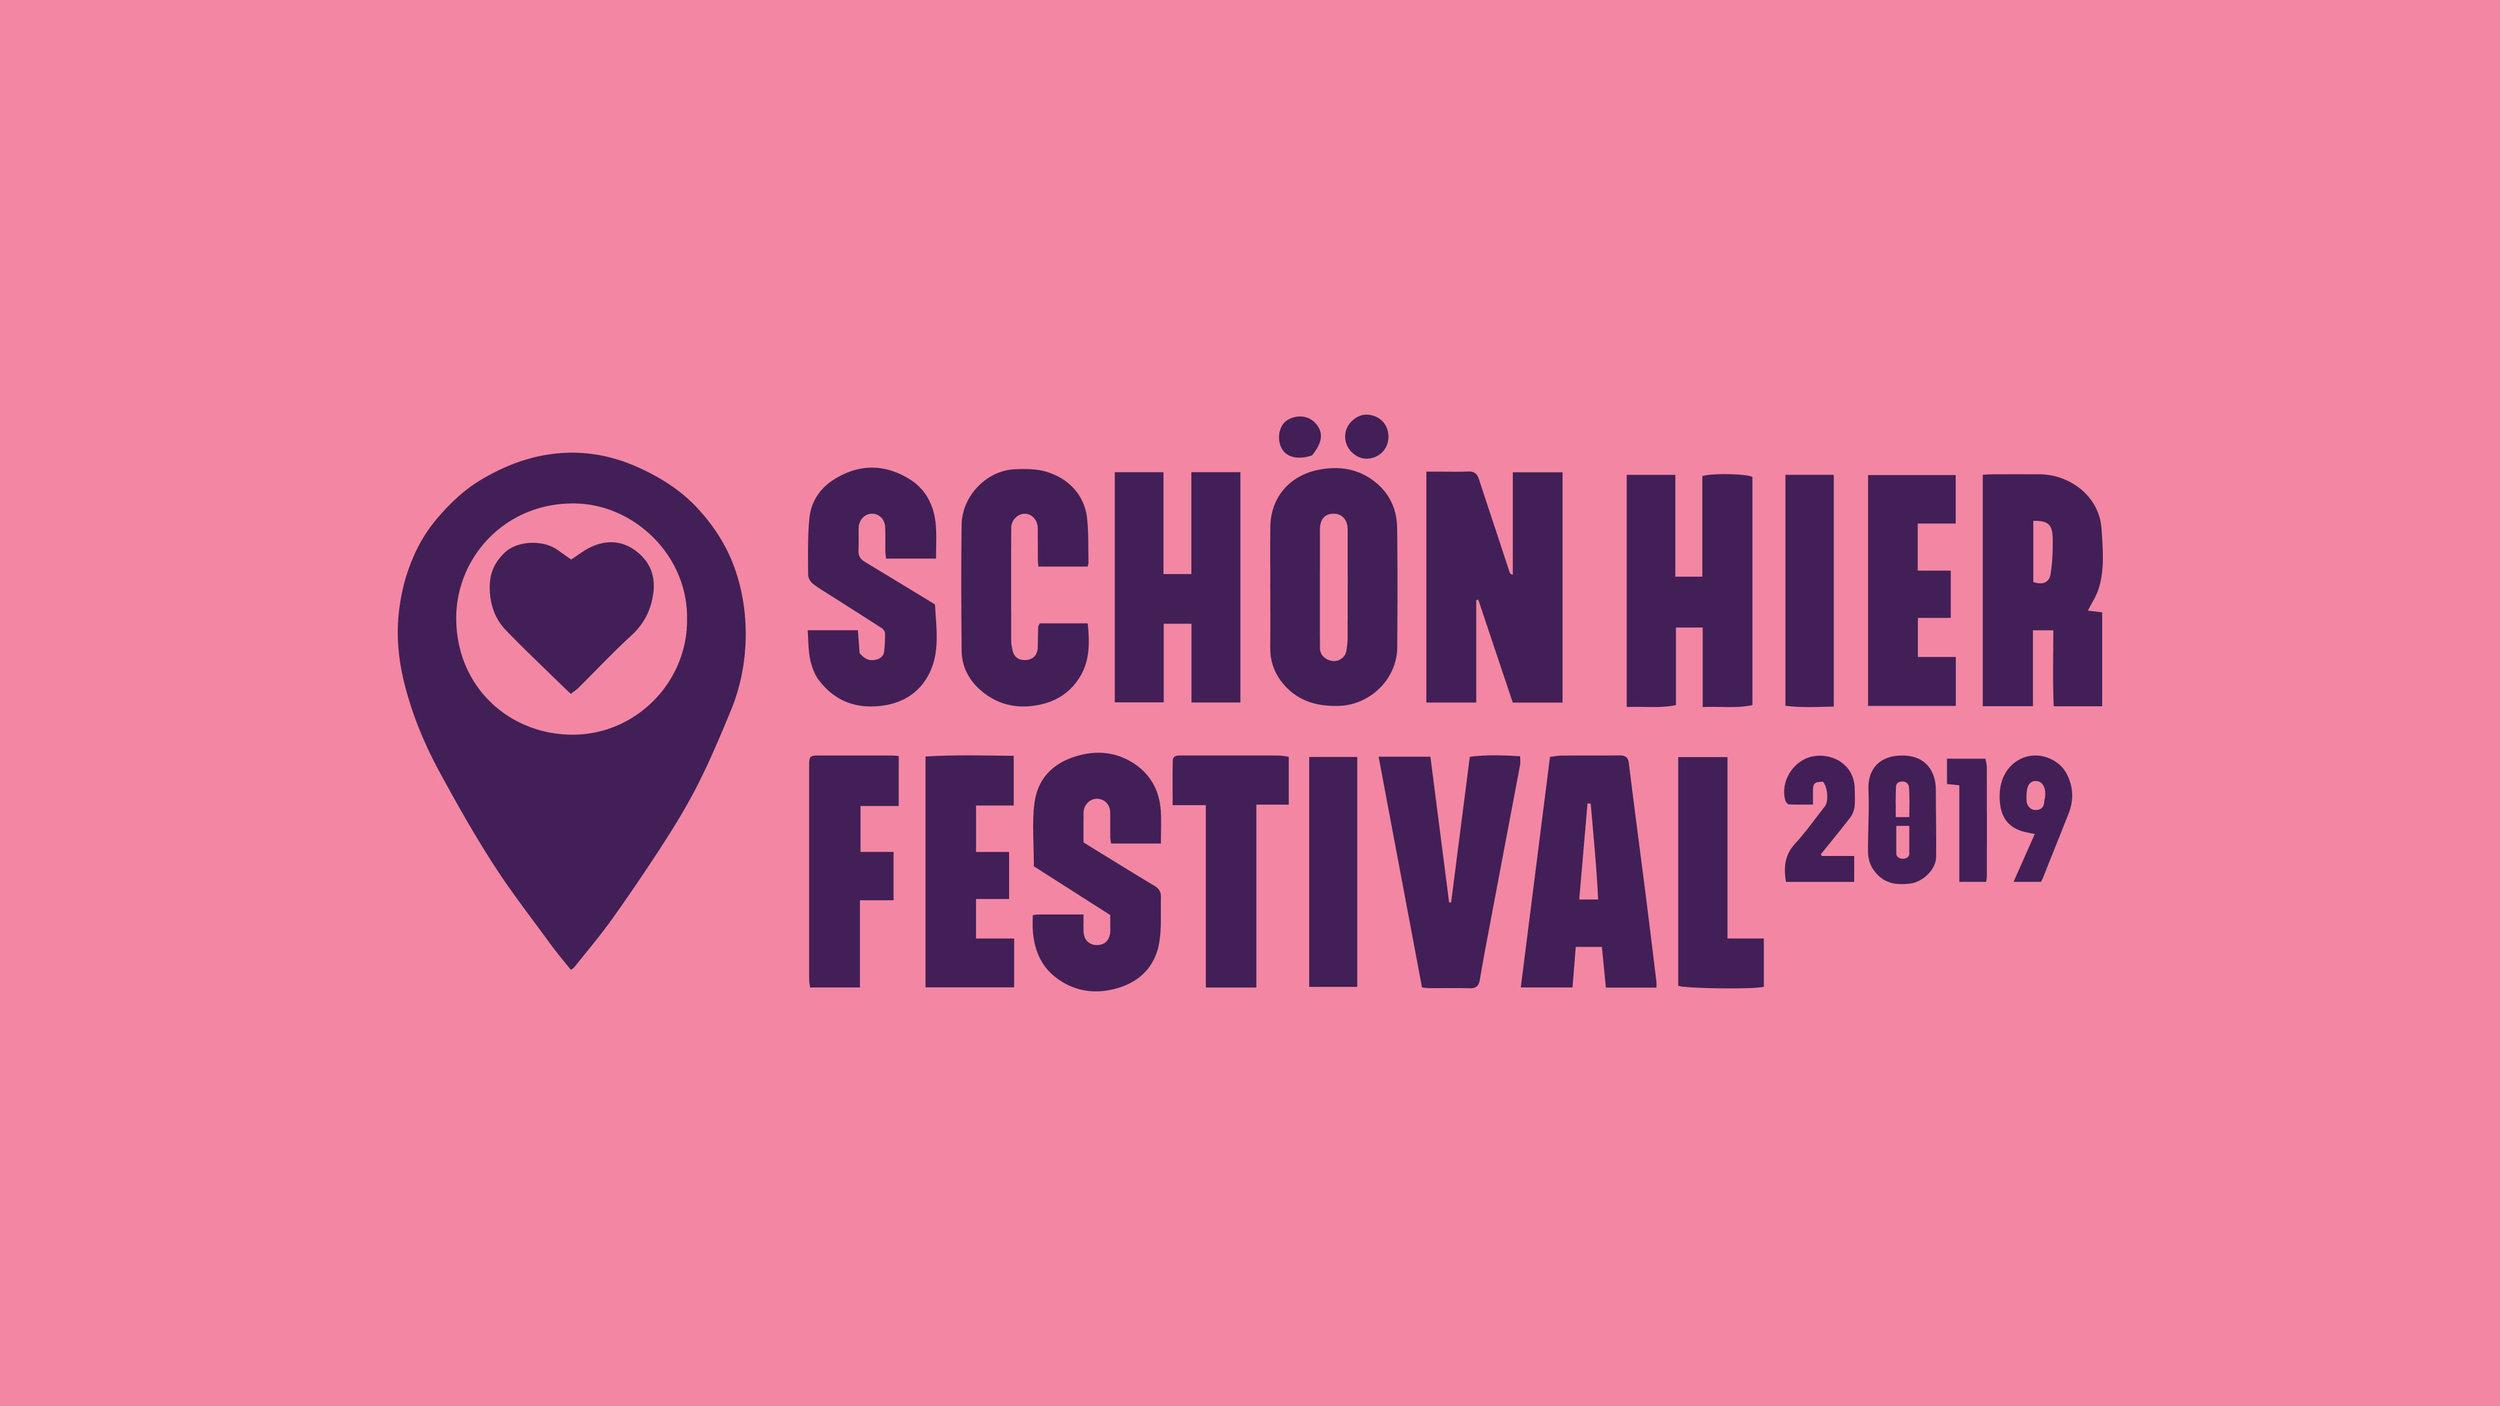 Maike-Freche_Schoenhierfestival-2019.jpg